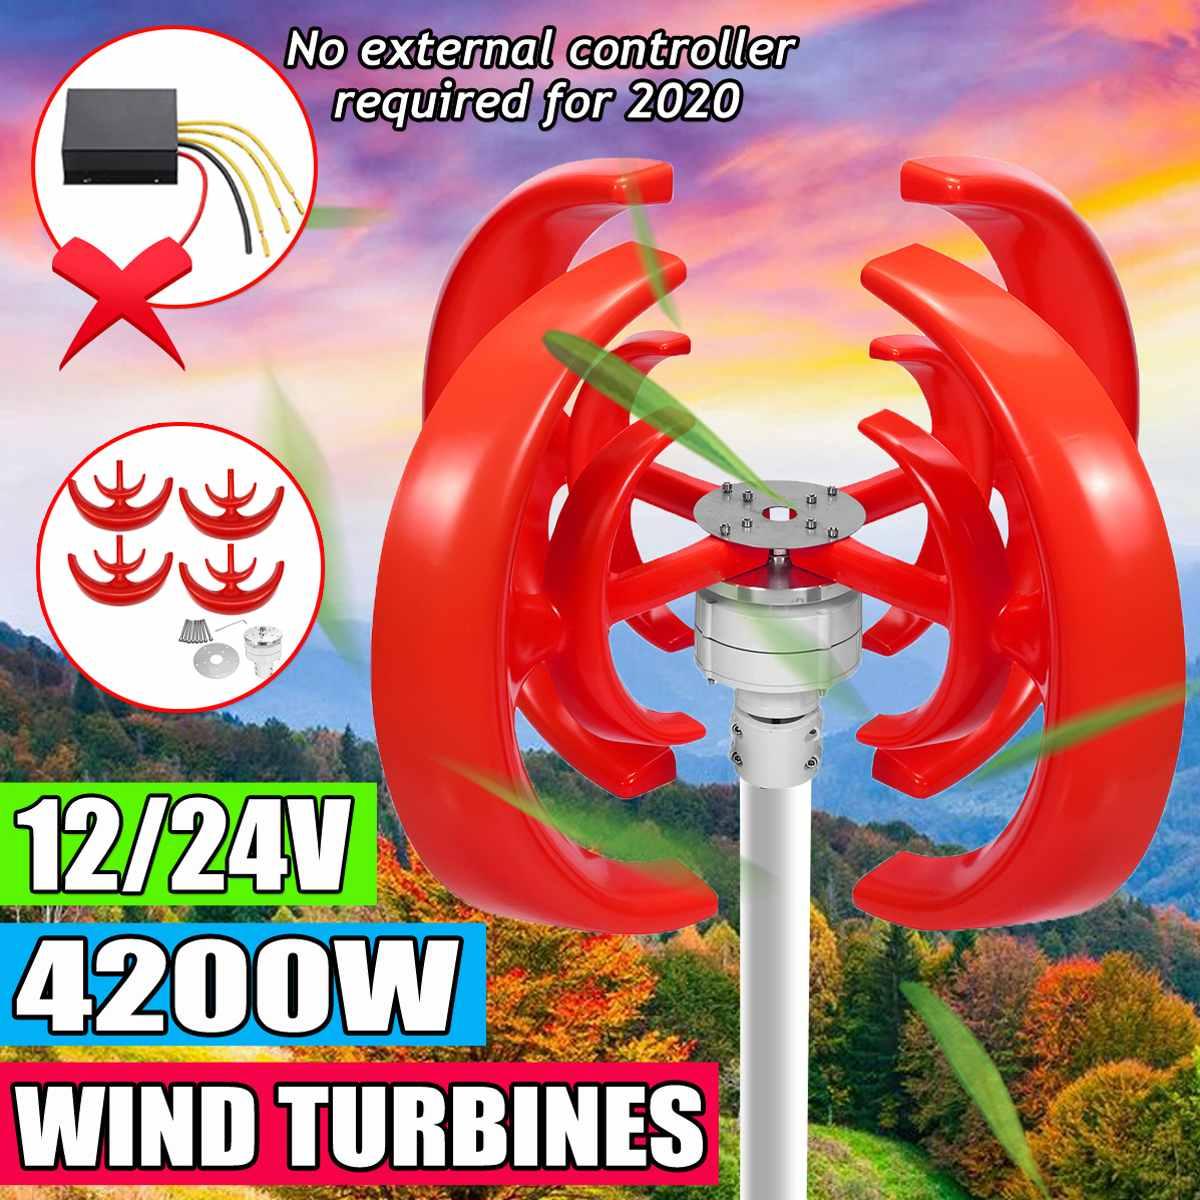 4200 واط فأس عمودية توربينات الرياح مولد فانوس 4 شفرات معدات موتور طاحونة الطاقة تهمة توربينات 12 فولت 24 فولت للتخييم المنزل